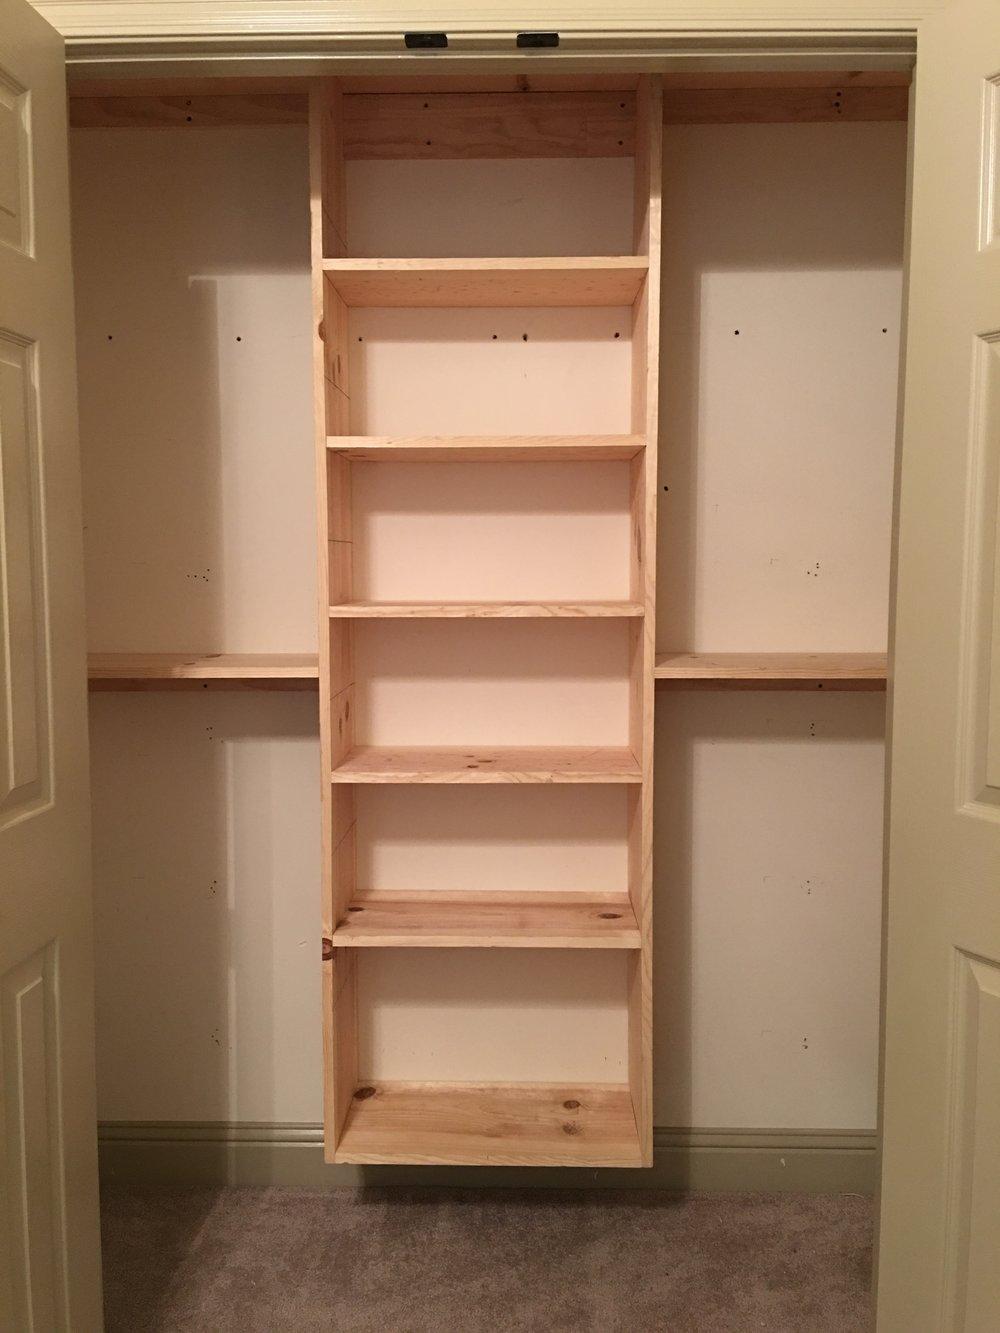 kids closet shelves.JPG